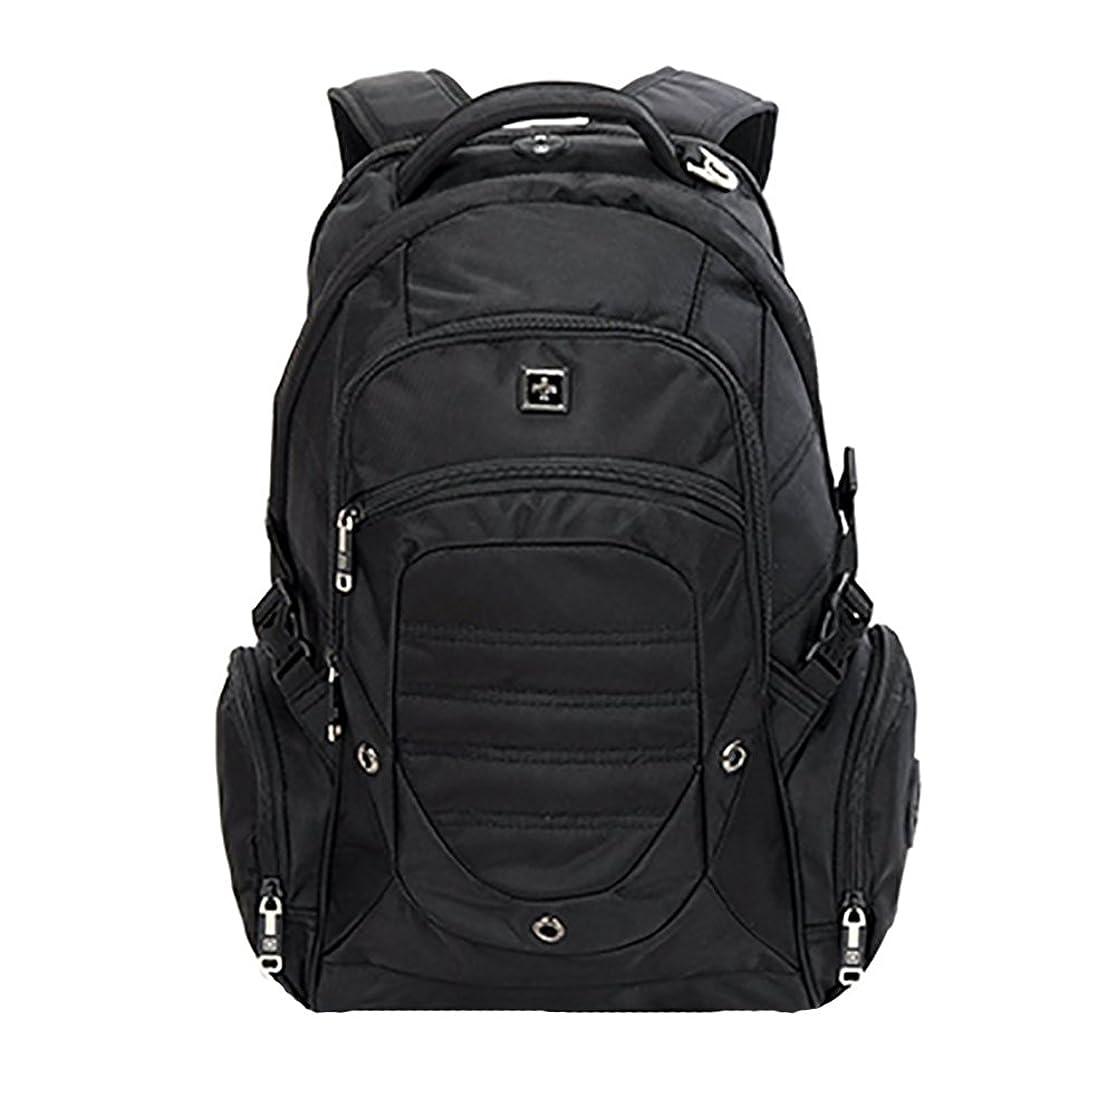 シエスタコレクション連鎖SWISSWIN リュックサック/撥水素材/大容量バッグ 大容量 38L SW9275 Black